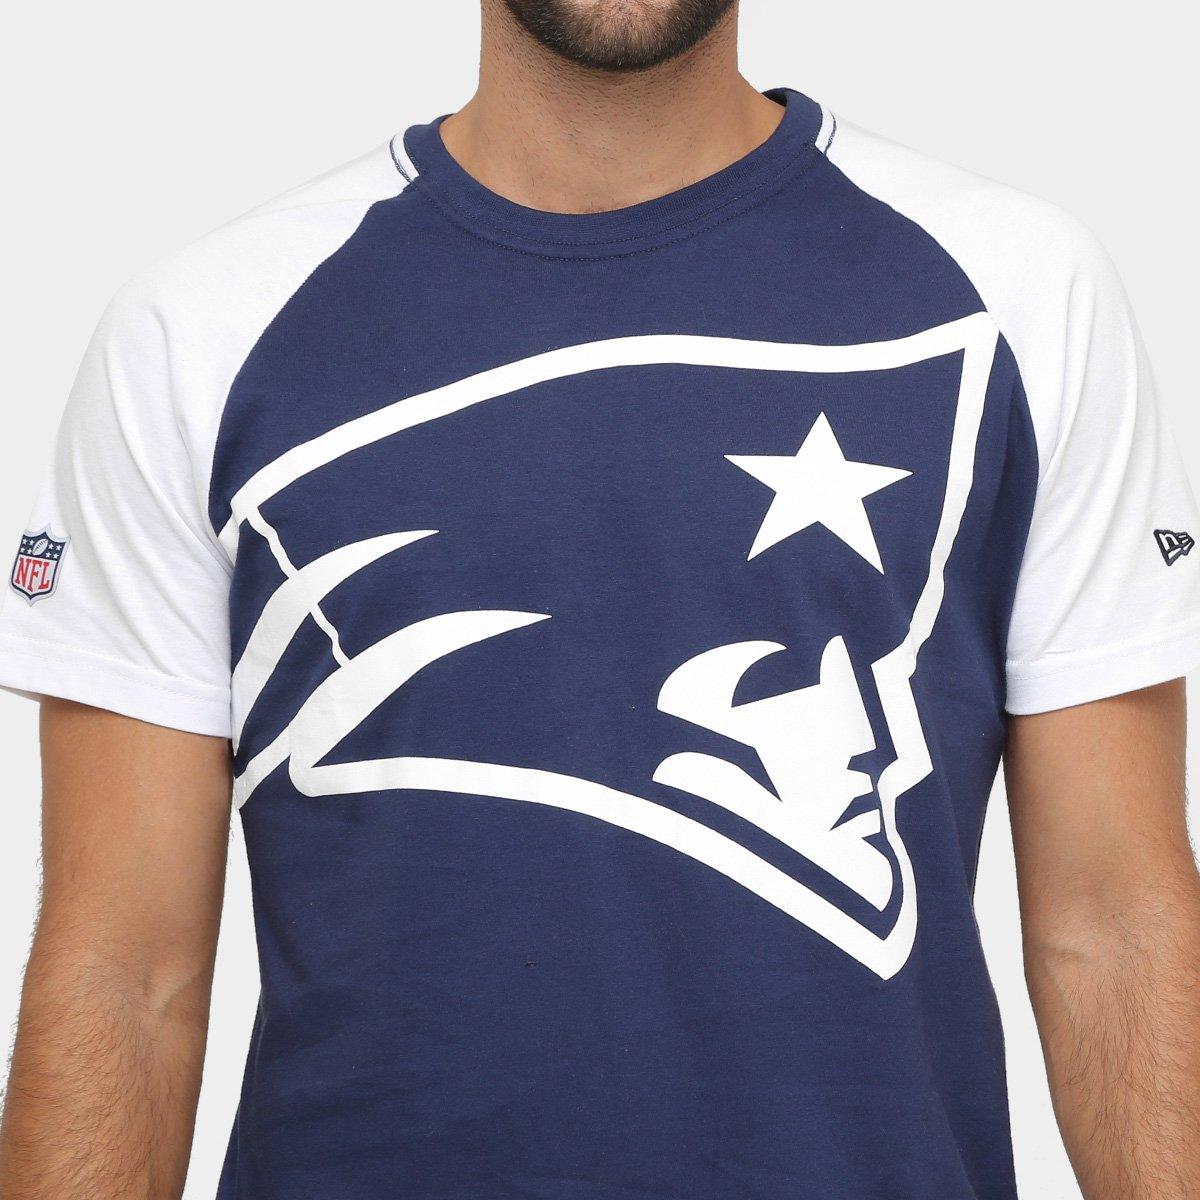 Camiseta New England Patriots New Era NFL Big Logo Raglan Masculina ... 134586a96a5f7